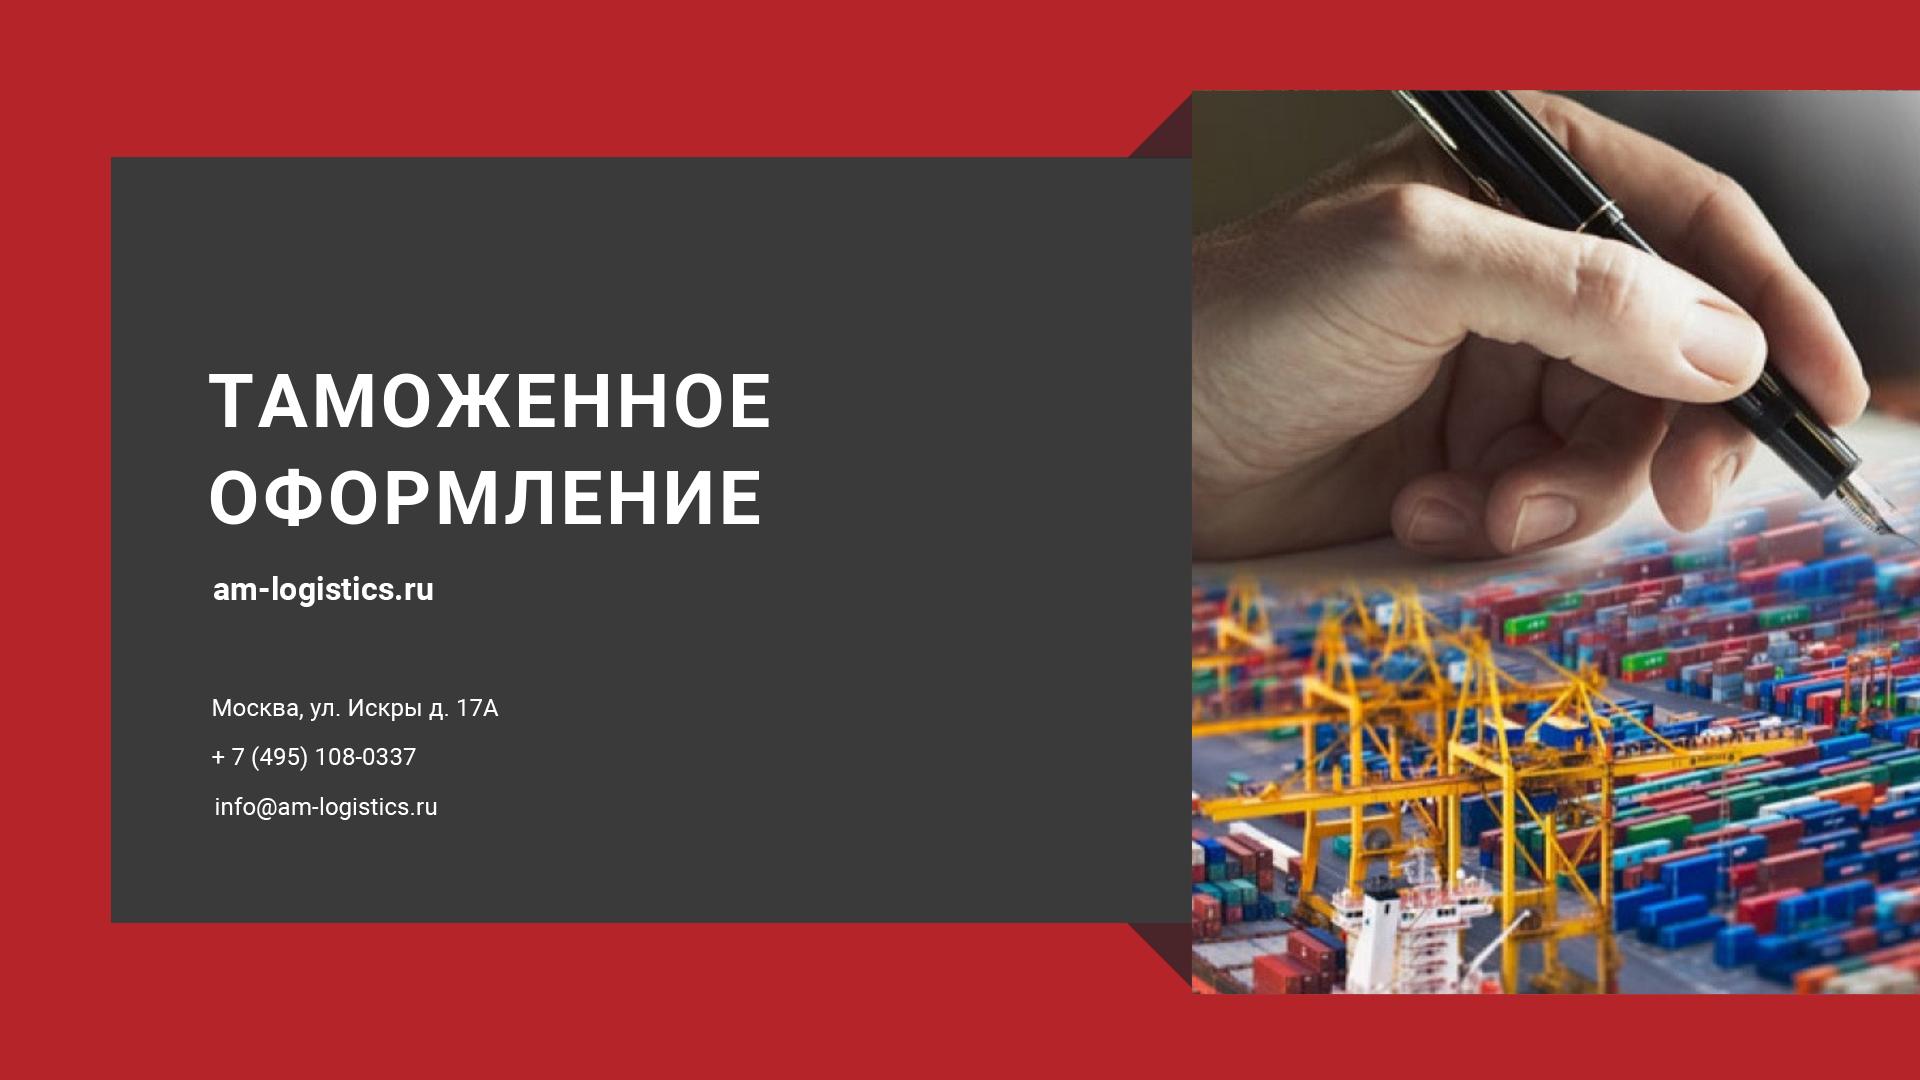 Таможенное оформление грузов в Москве